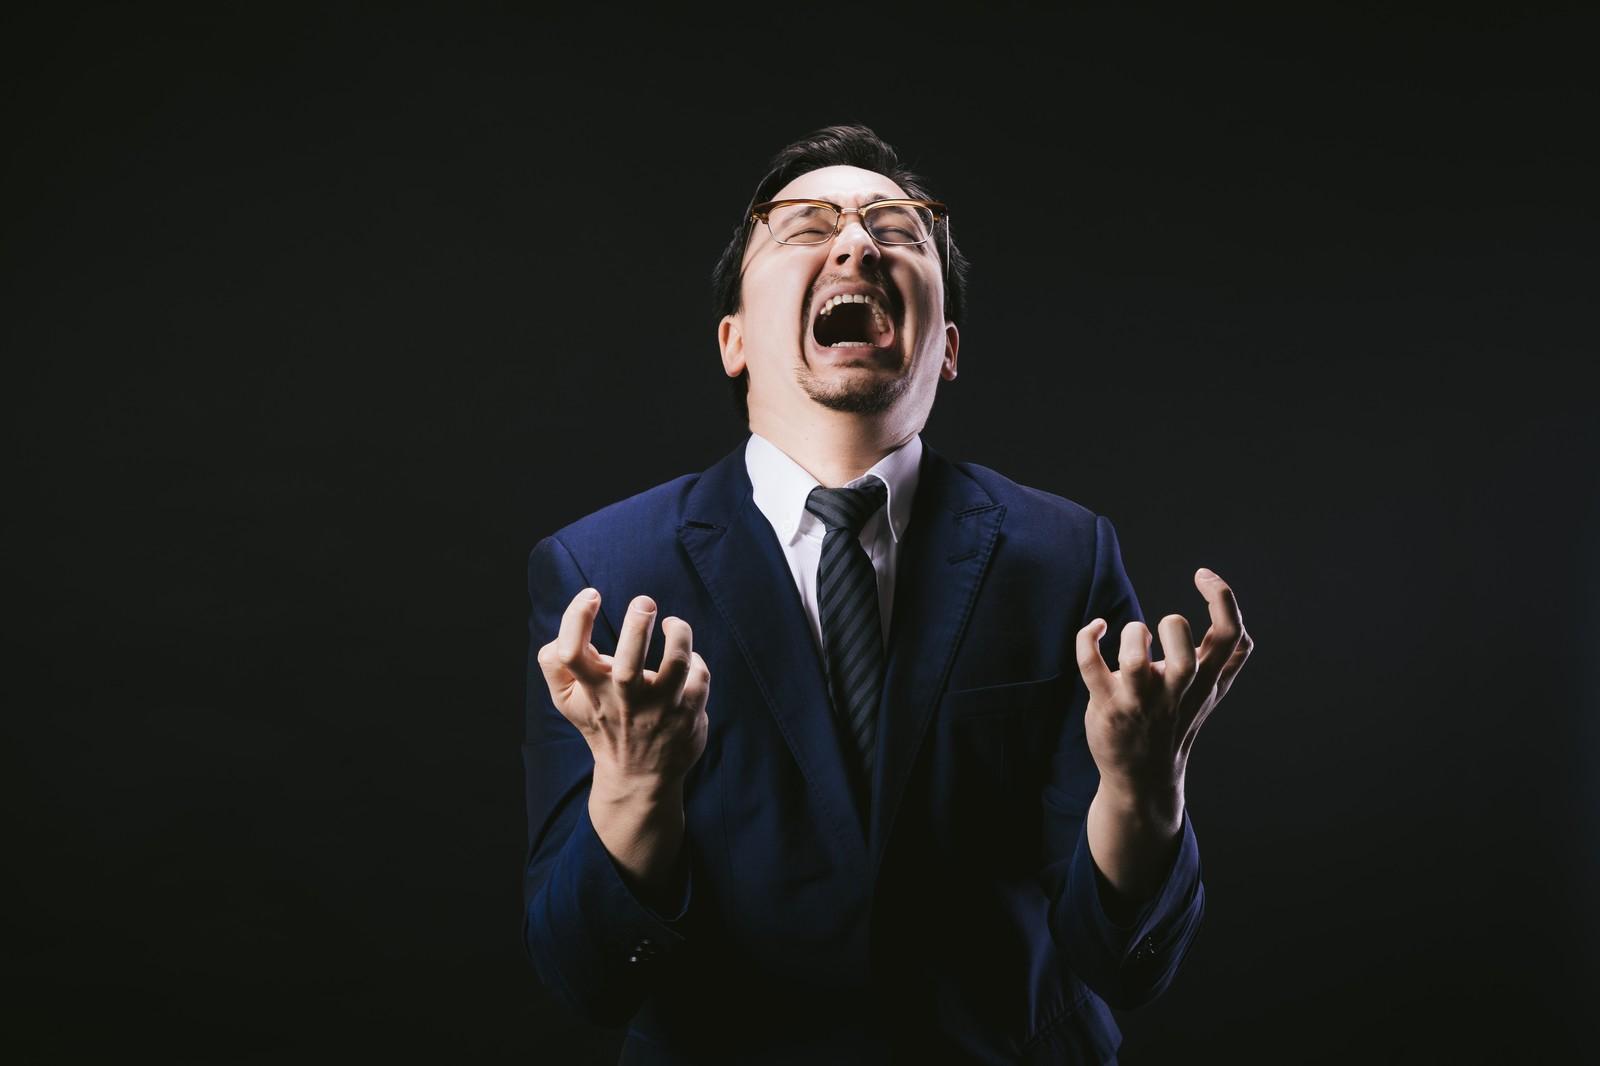 【カラオケ】録音した自分の声に絶望した・・・orz